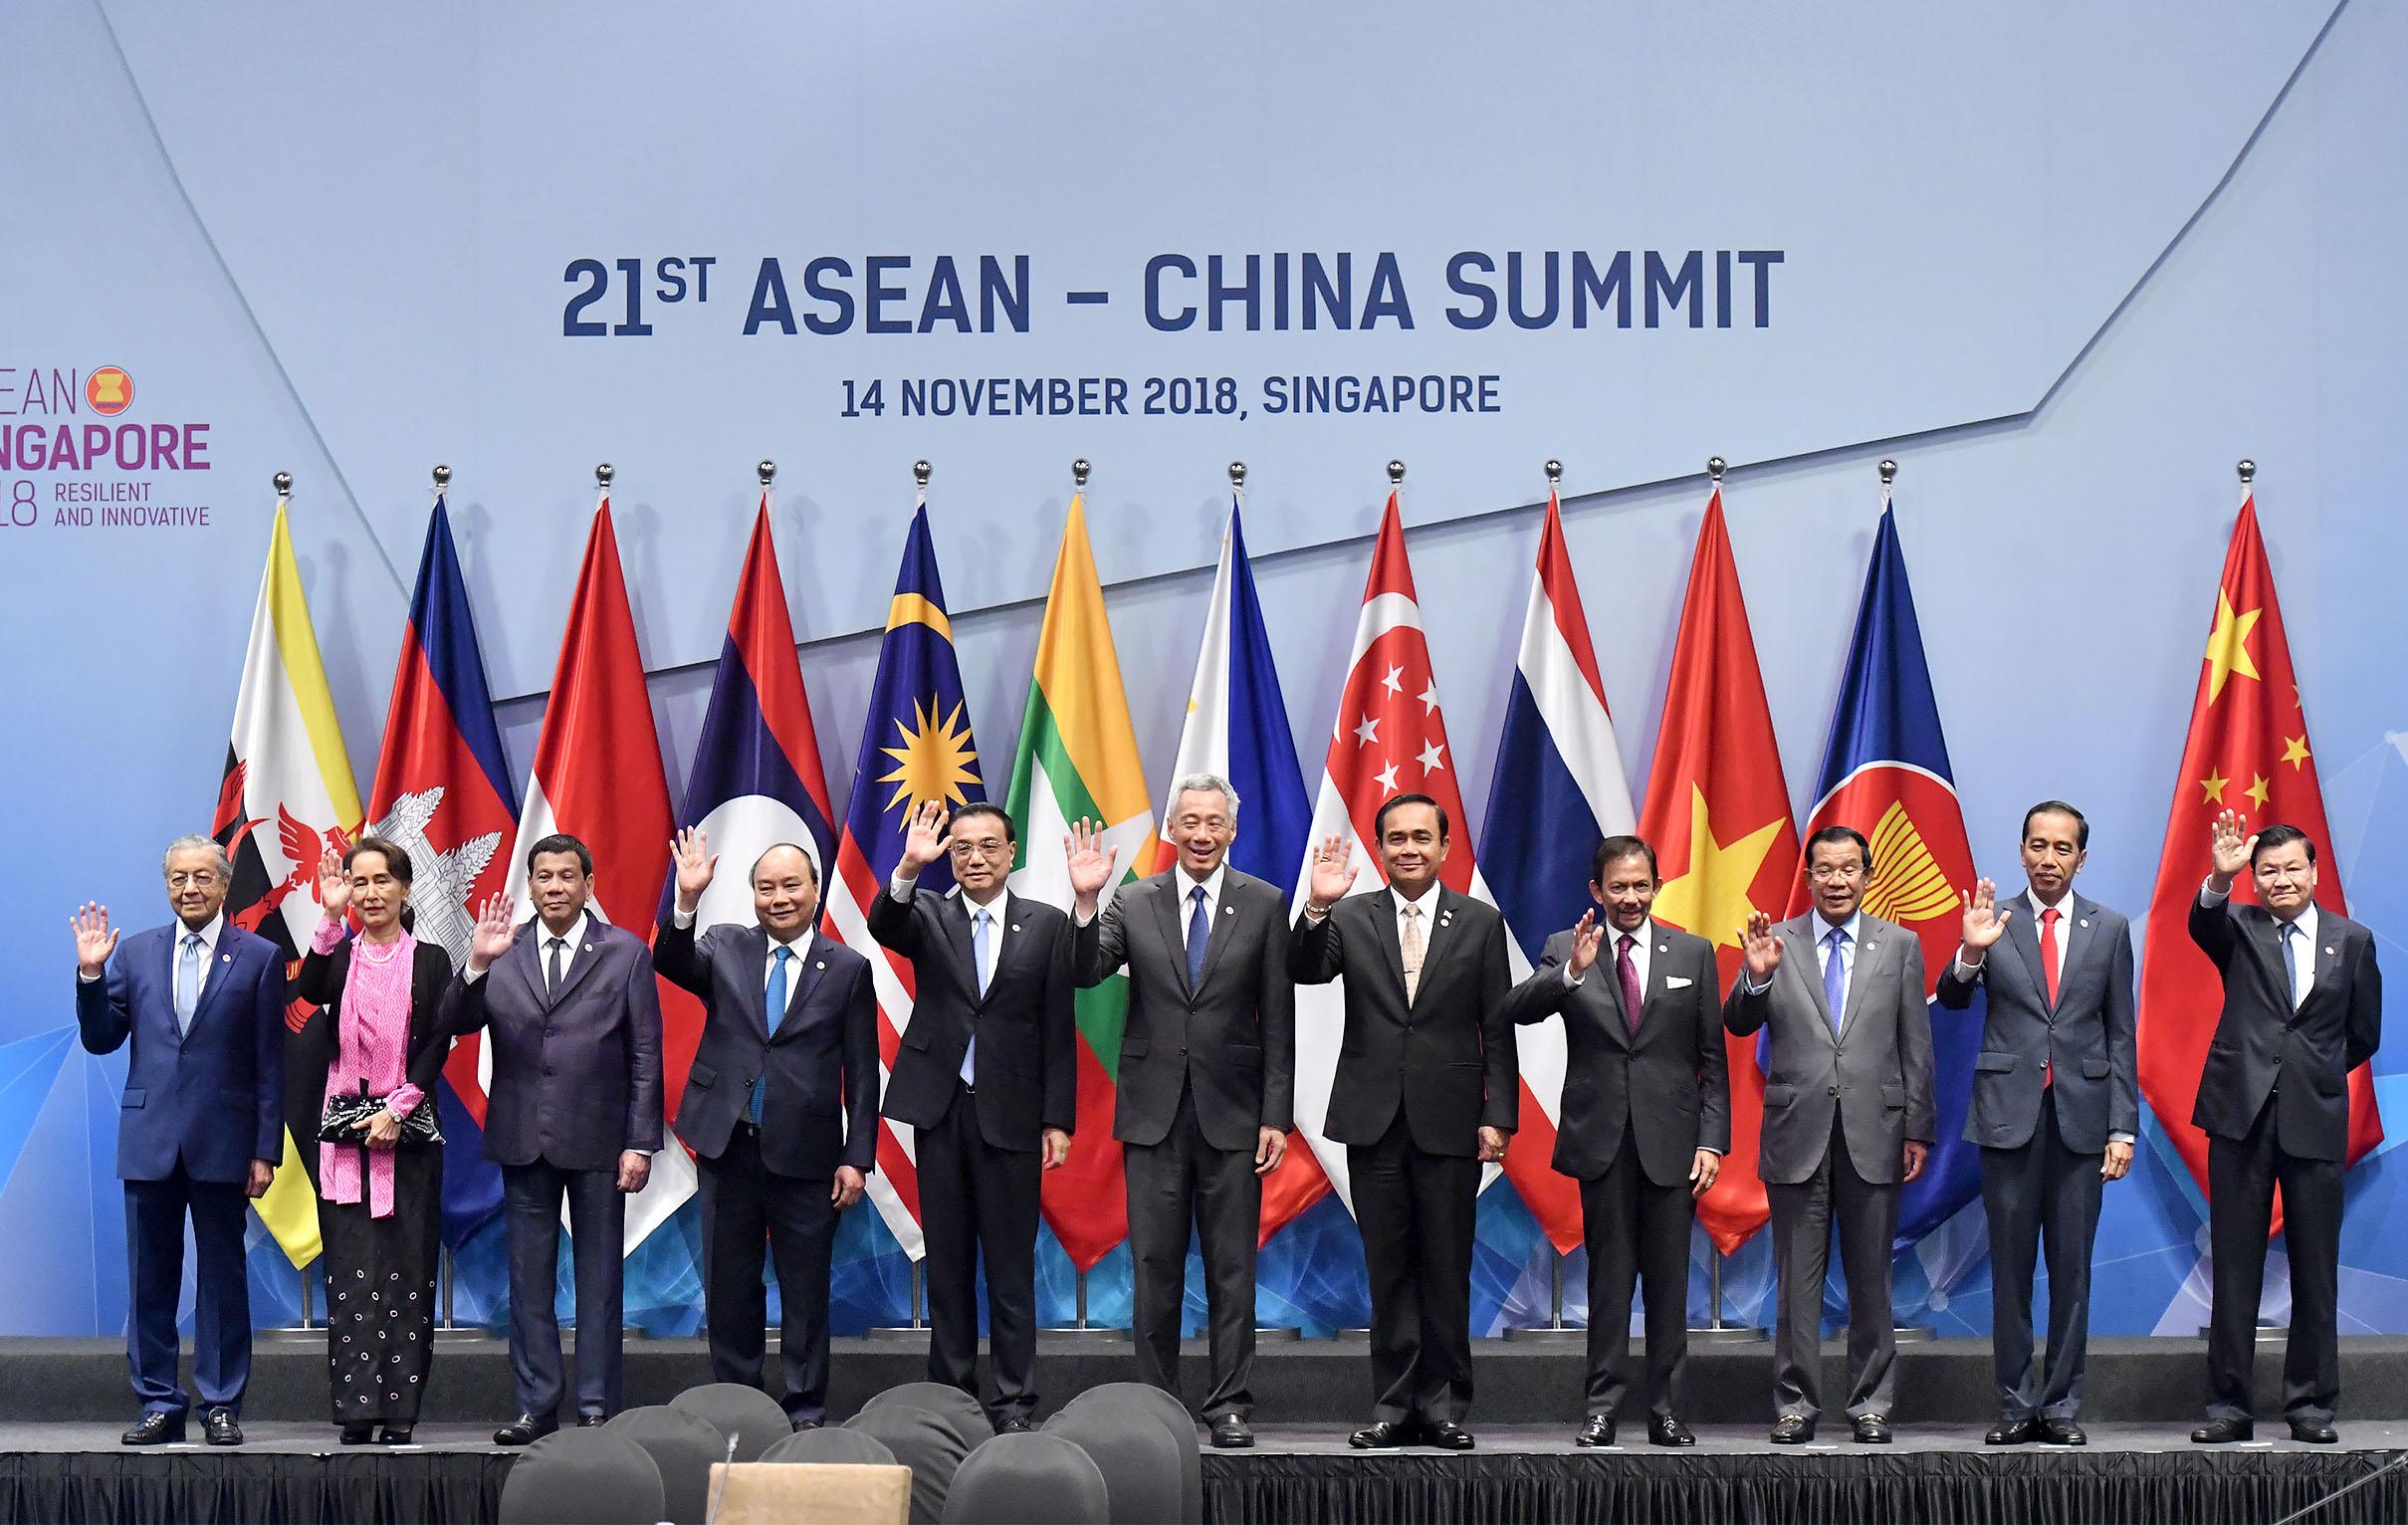 Quan hệ ASEAN - Trung Quốc phát triển mạnh mẽ trên cơ sở tin cậy, hiểu biết và tôn trọng lẫn nhau